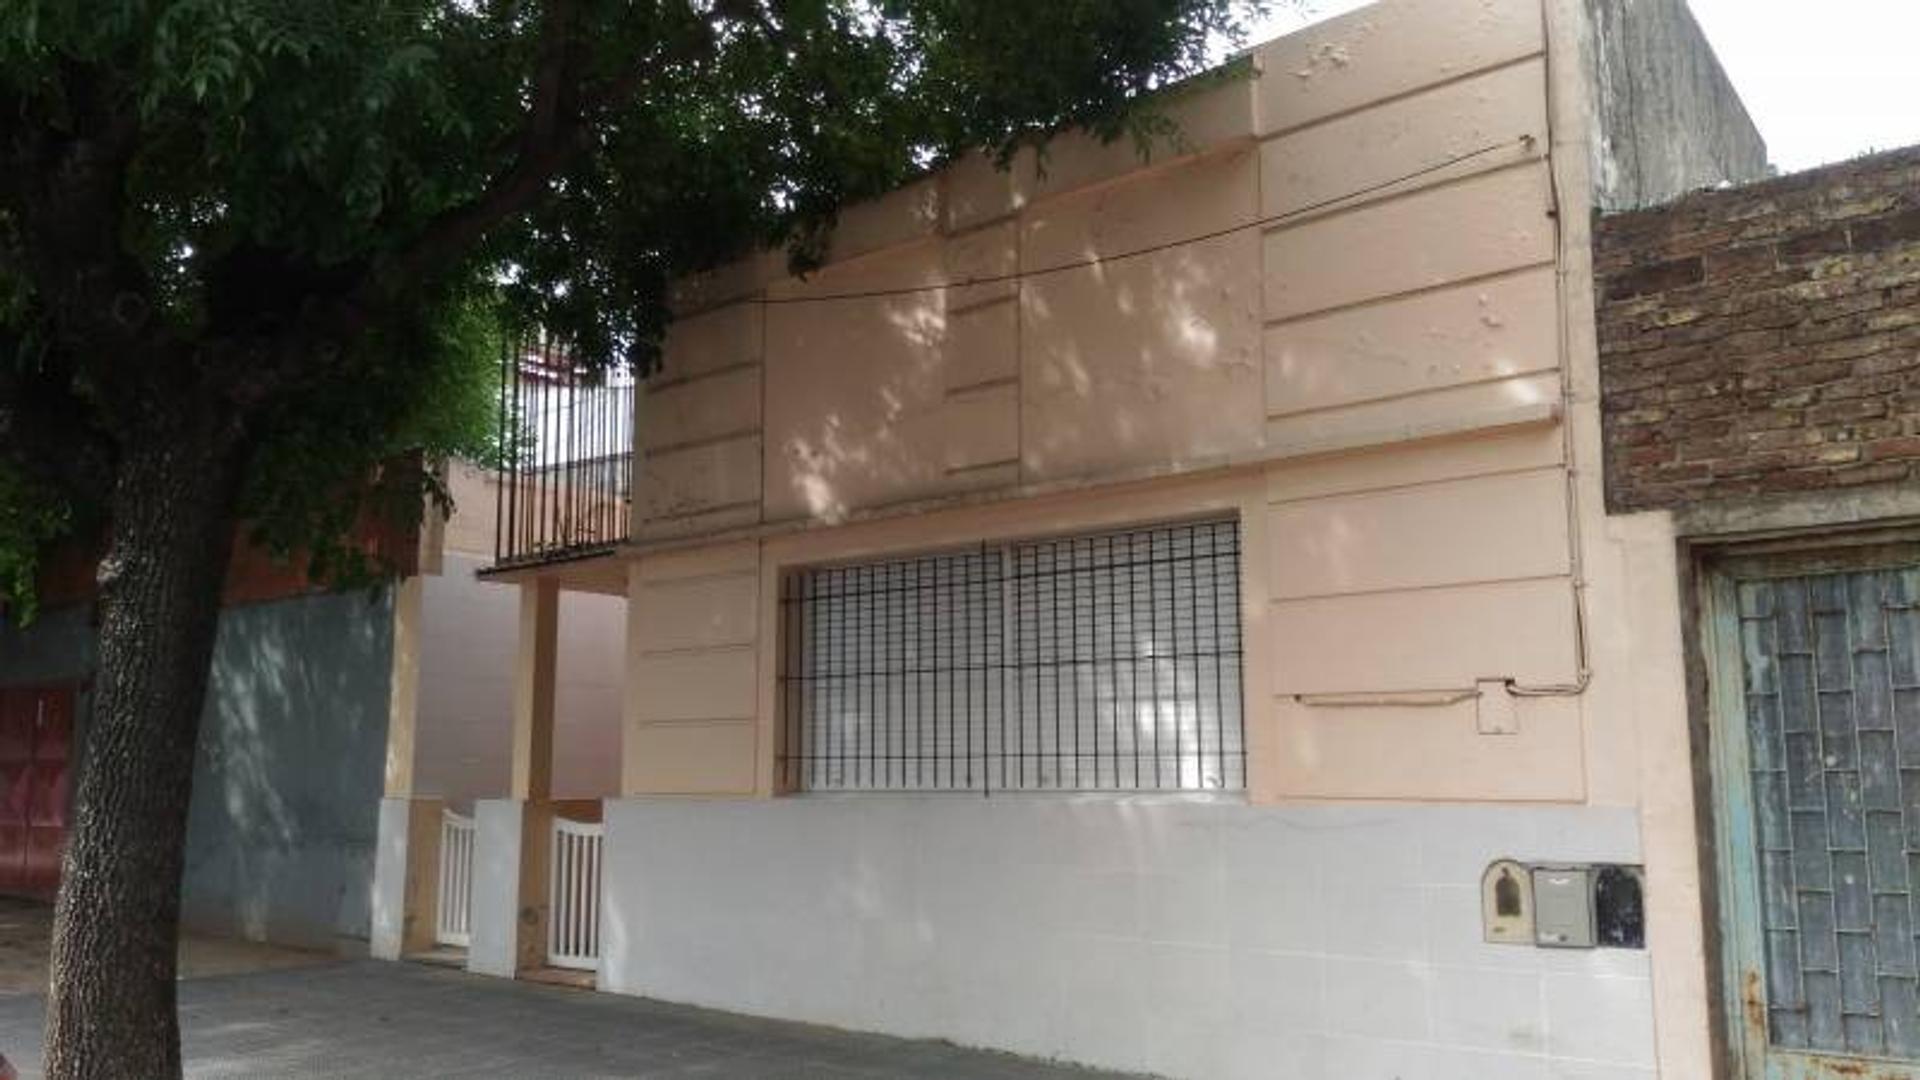 Venta de 3 departamentos de 3 ambientes cada uno en Villa Lugano (Rucci al 3200)